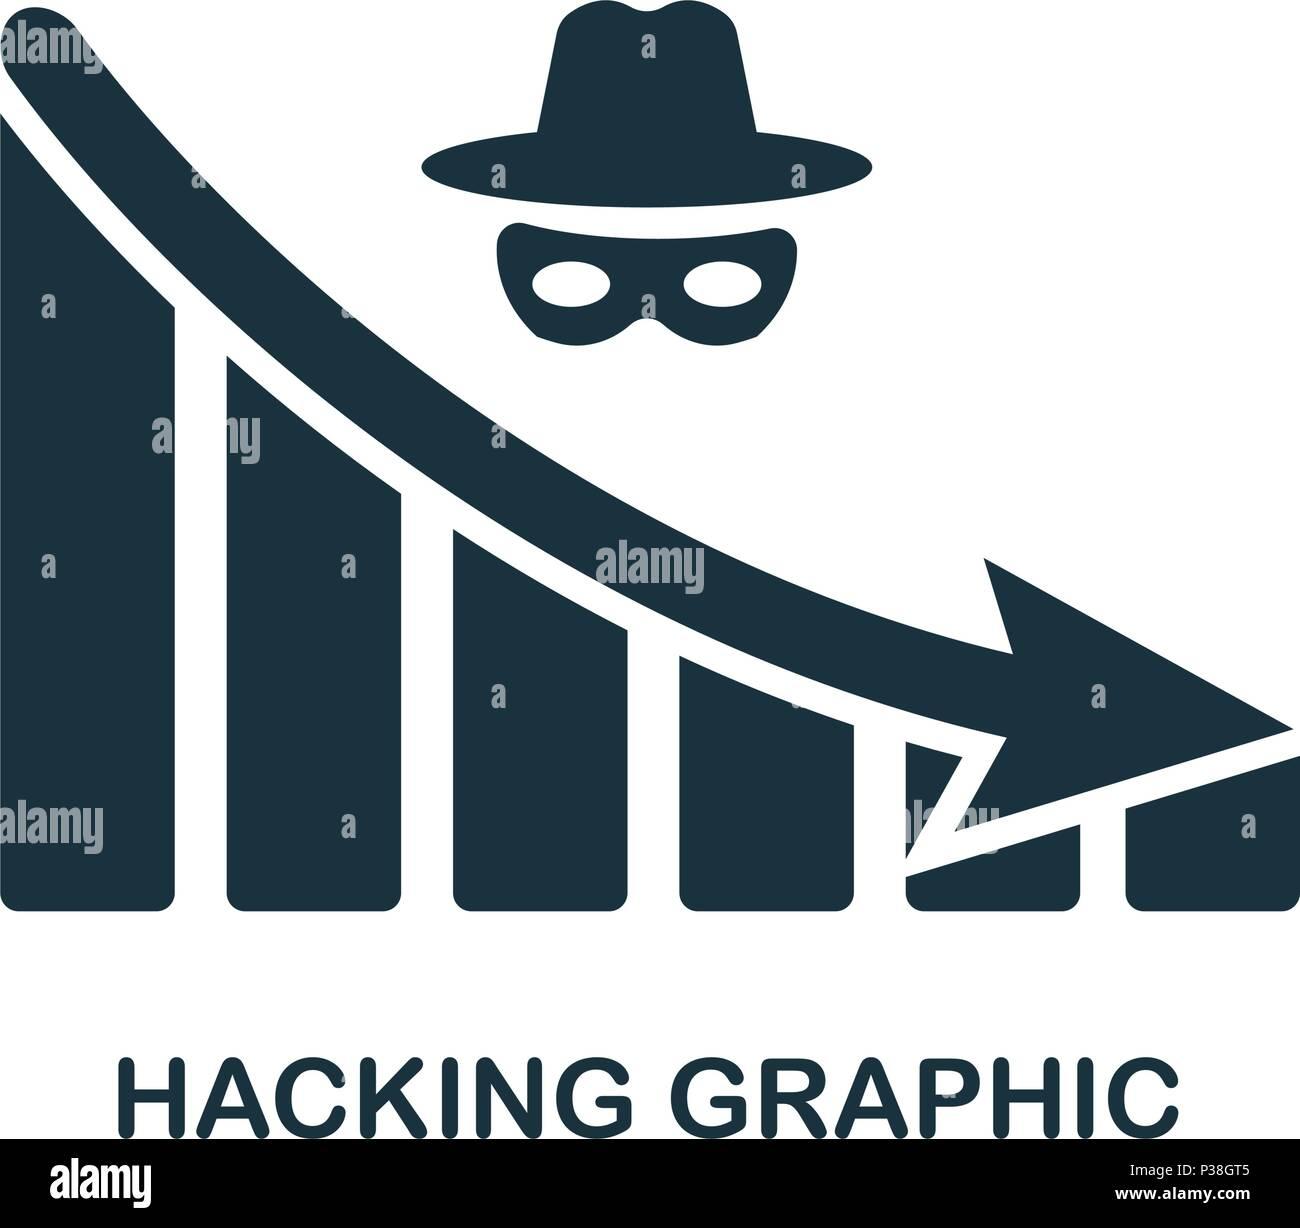 Disminución de Hacking icono gráfico. Mobile App, impresión, icono del sitio web. Elemento simple cantar. Disminución de Hacking monocromo icono gráfico ilustración. Imagen De Stock